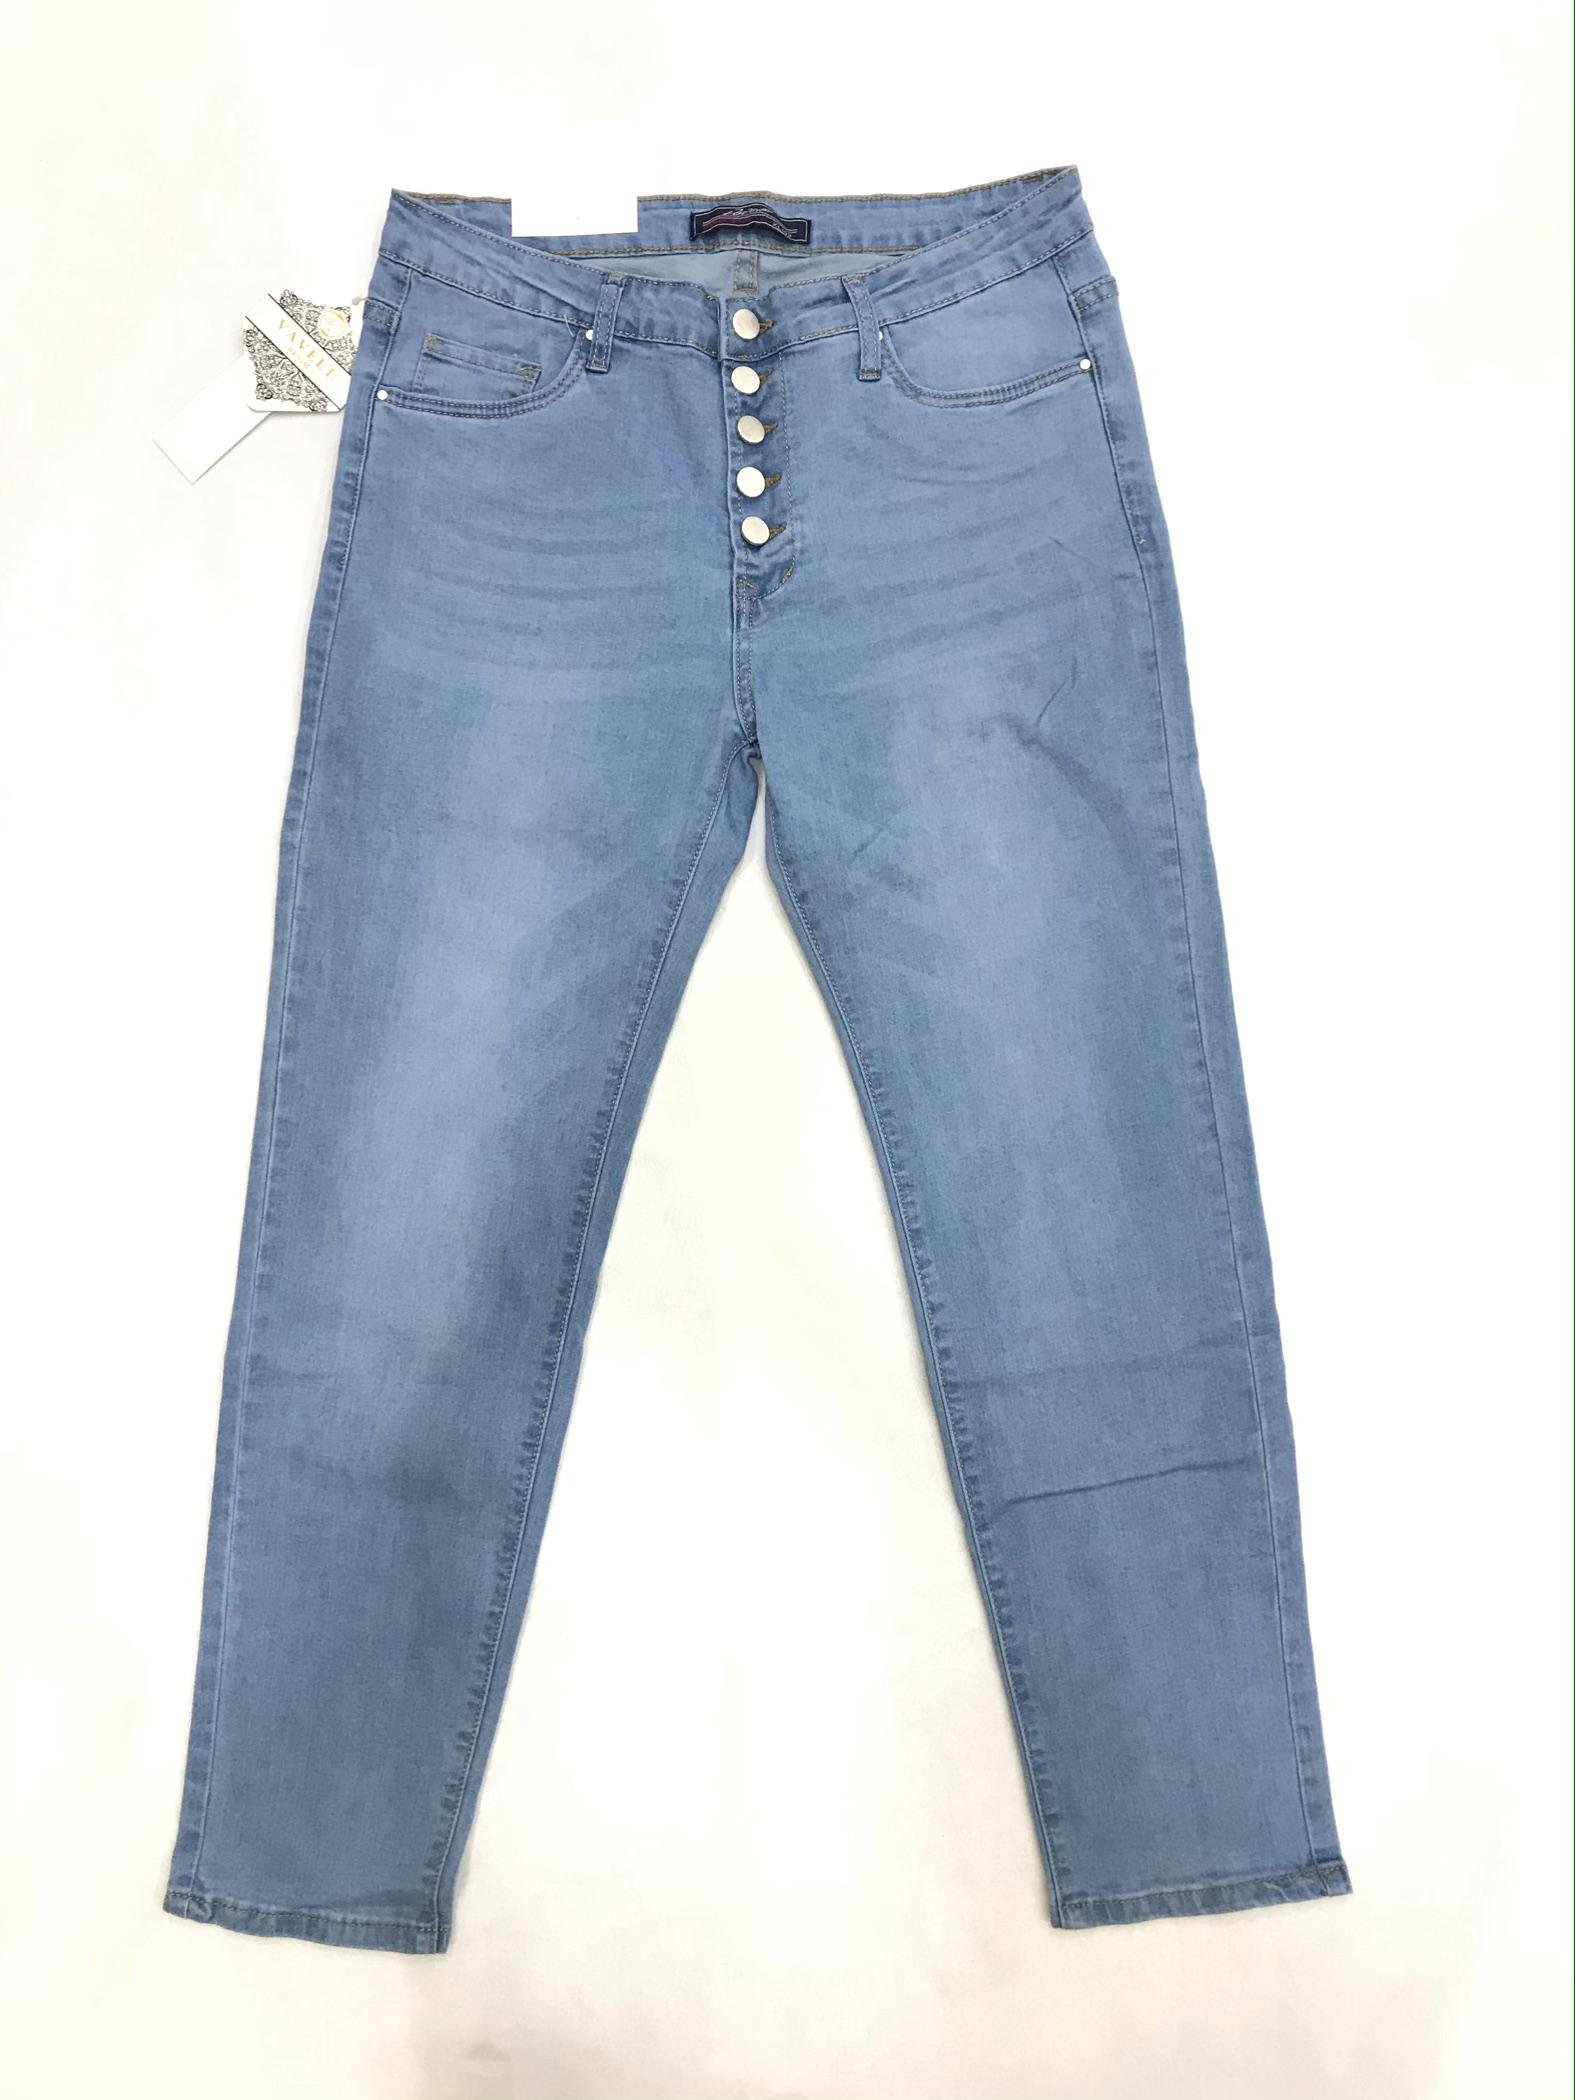 Jeans Donna Sky blue VETIS Y-6920 #c eFashion Paris